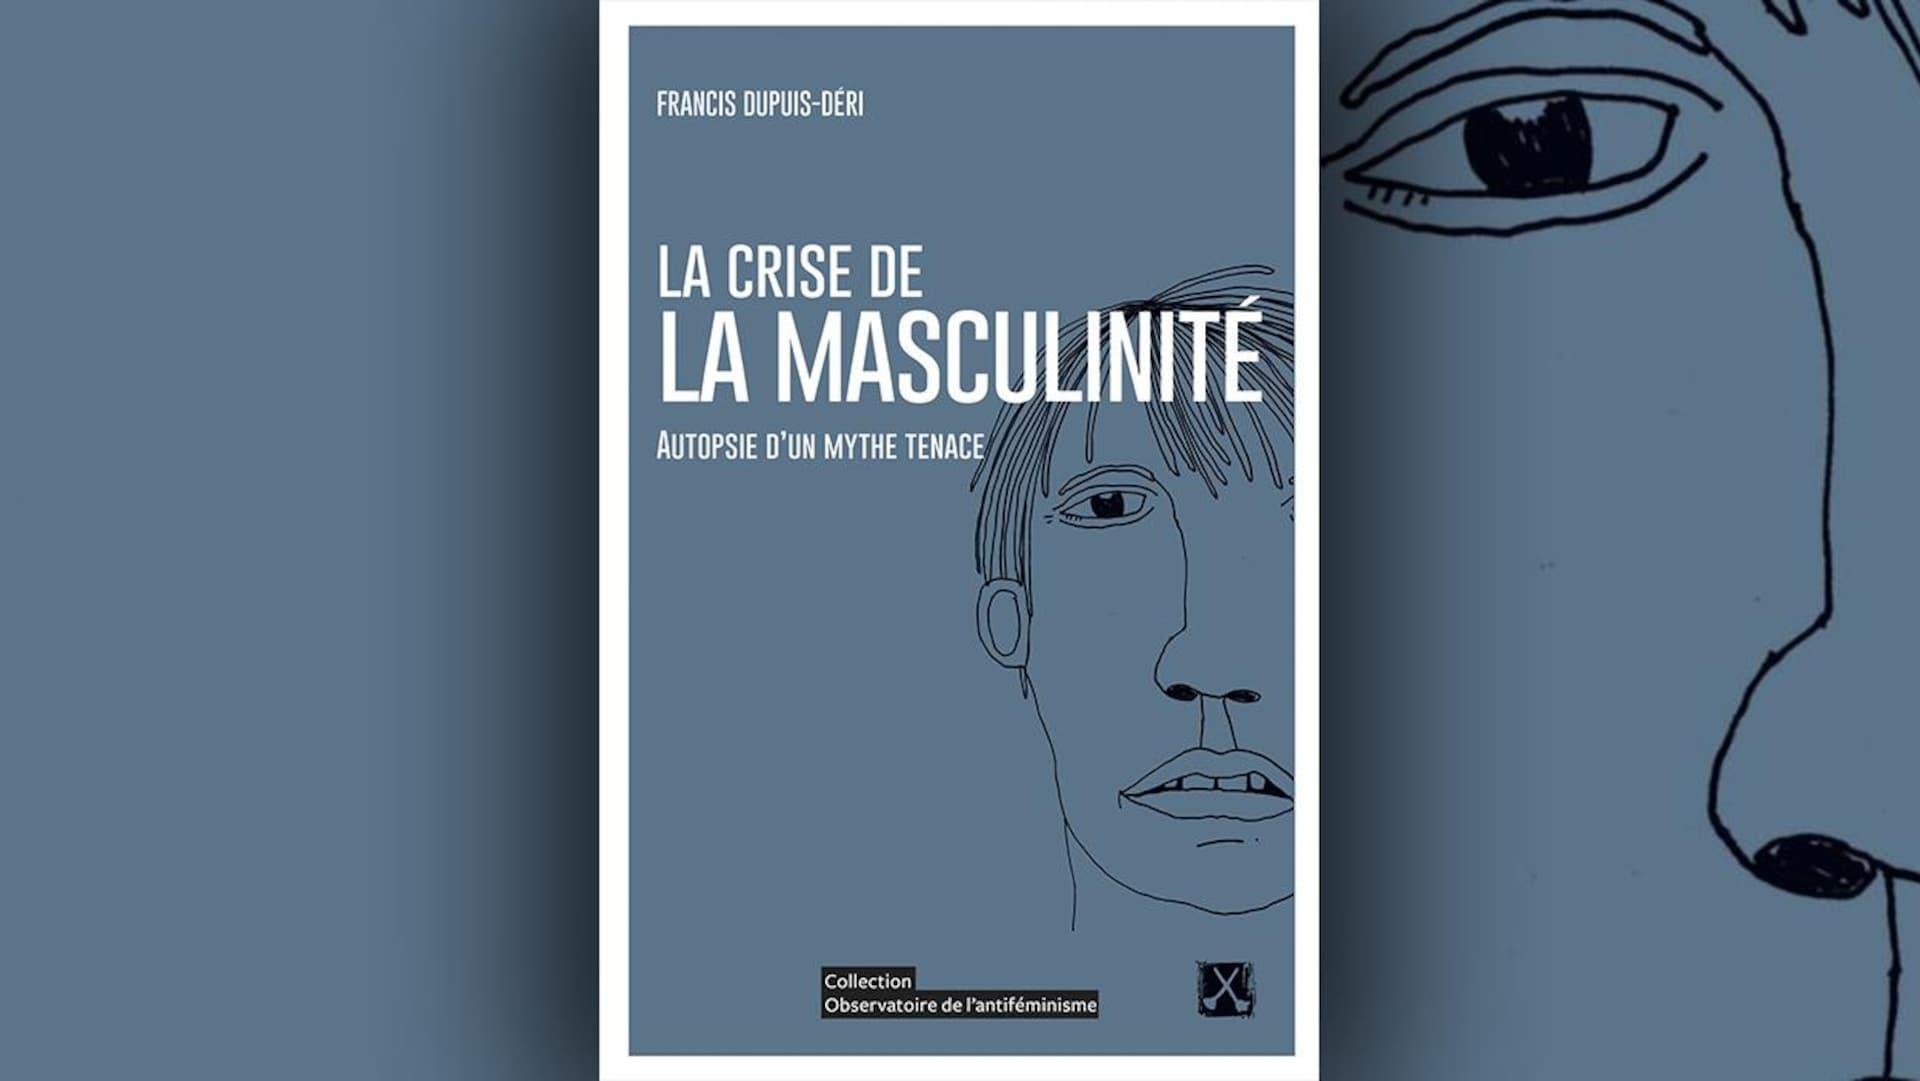 La couverture du livre  La crise de la masculinité  de Francis Dupuis-Déri